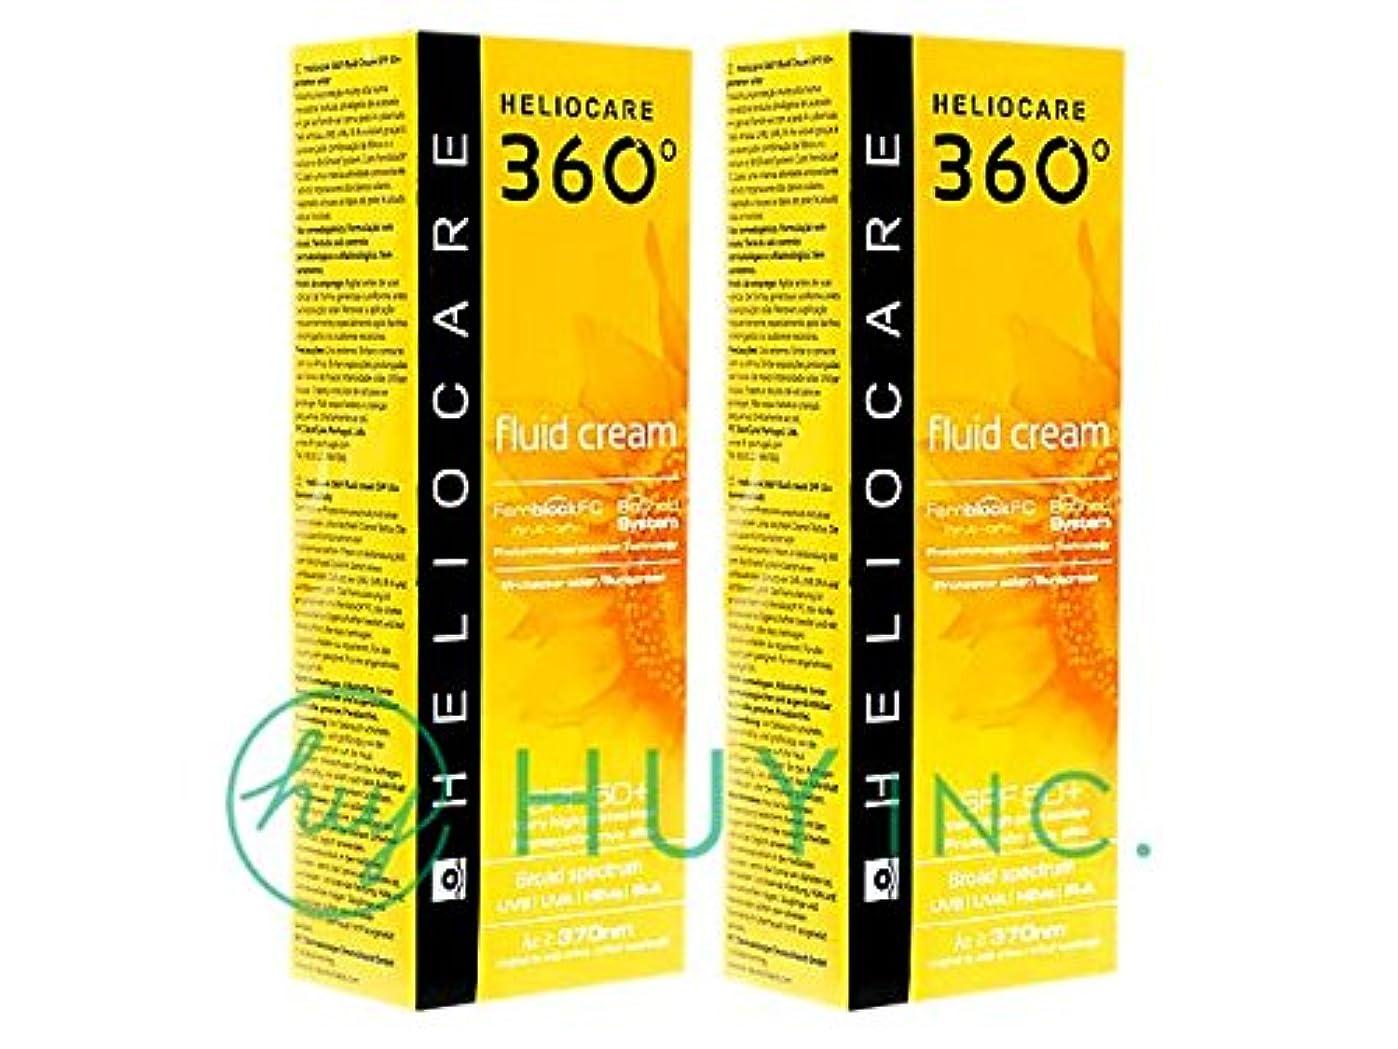 レンダー寸前不潔ヘリオケア 360°フルイドクリーム(Heliocare360FluidCream)SPF50+ 2ボトル(50ml×2) [並行輸入品]